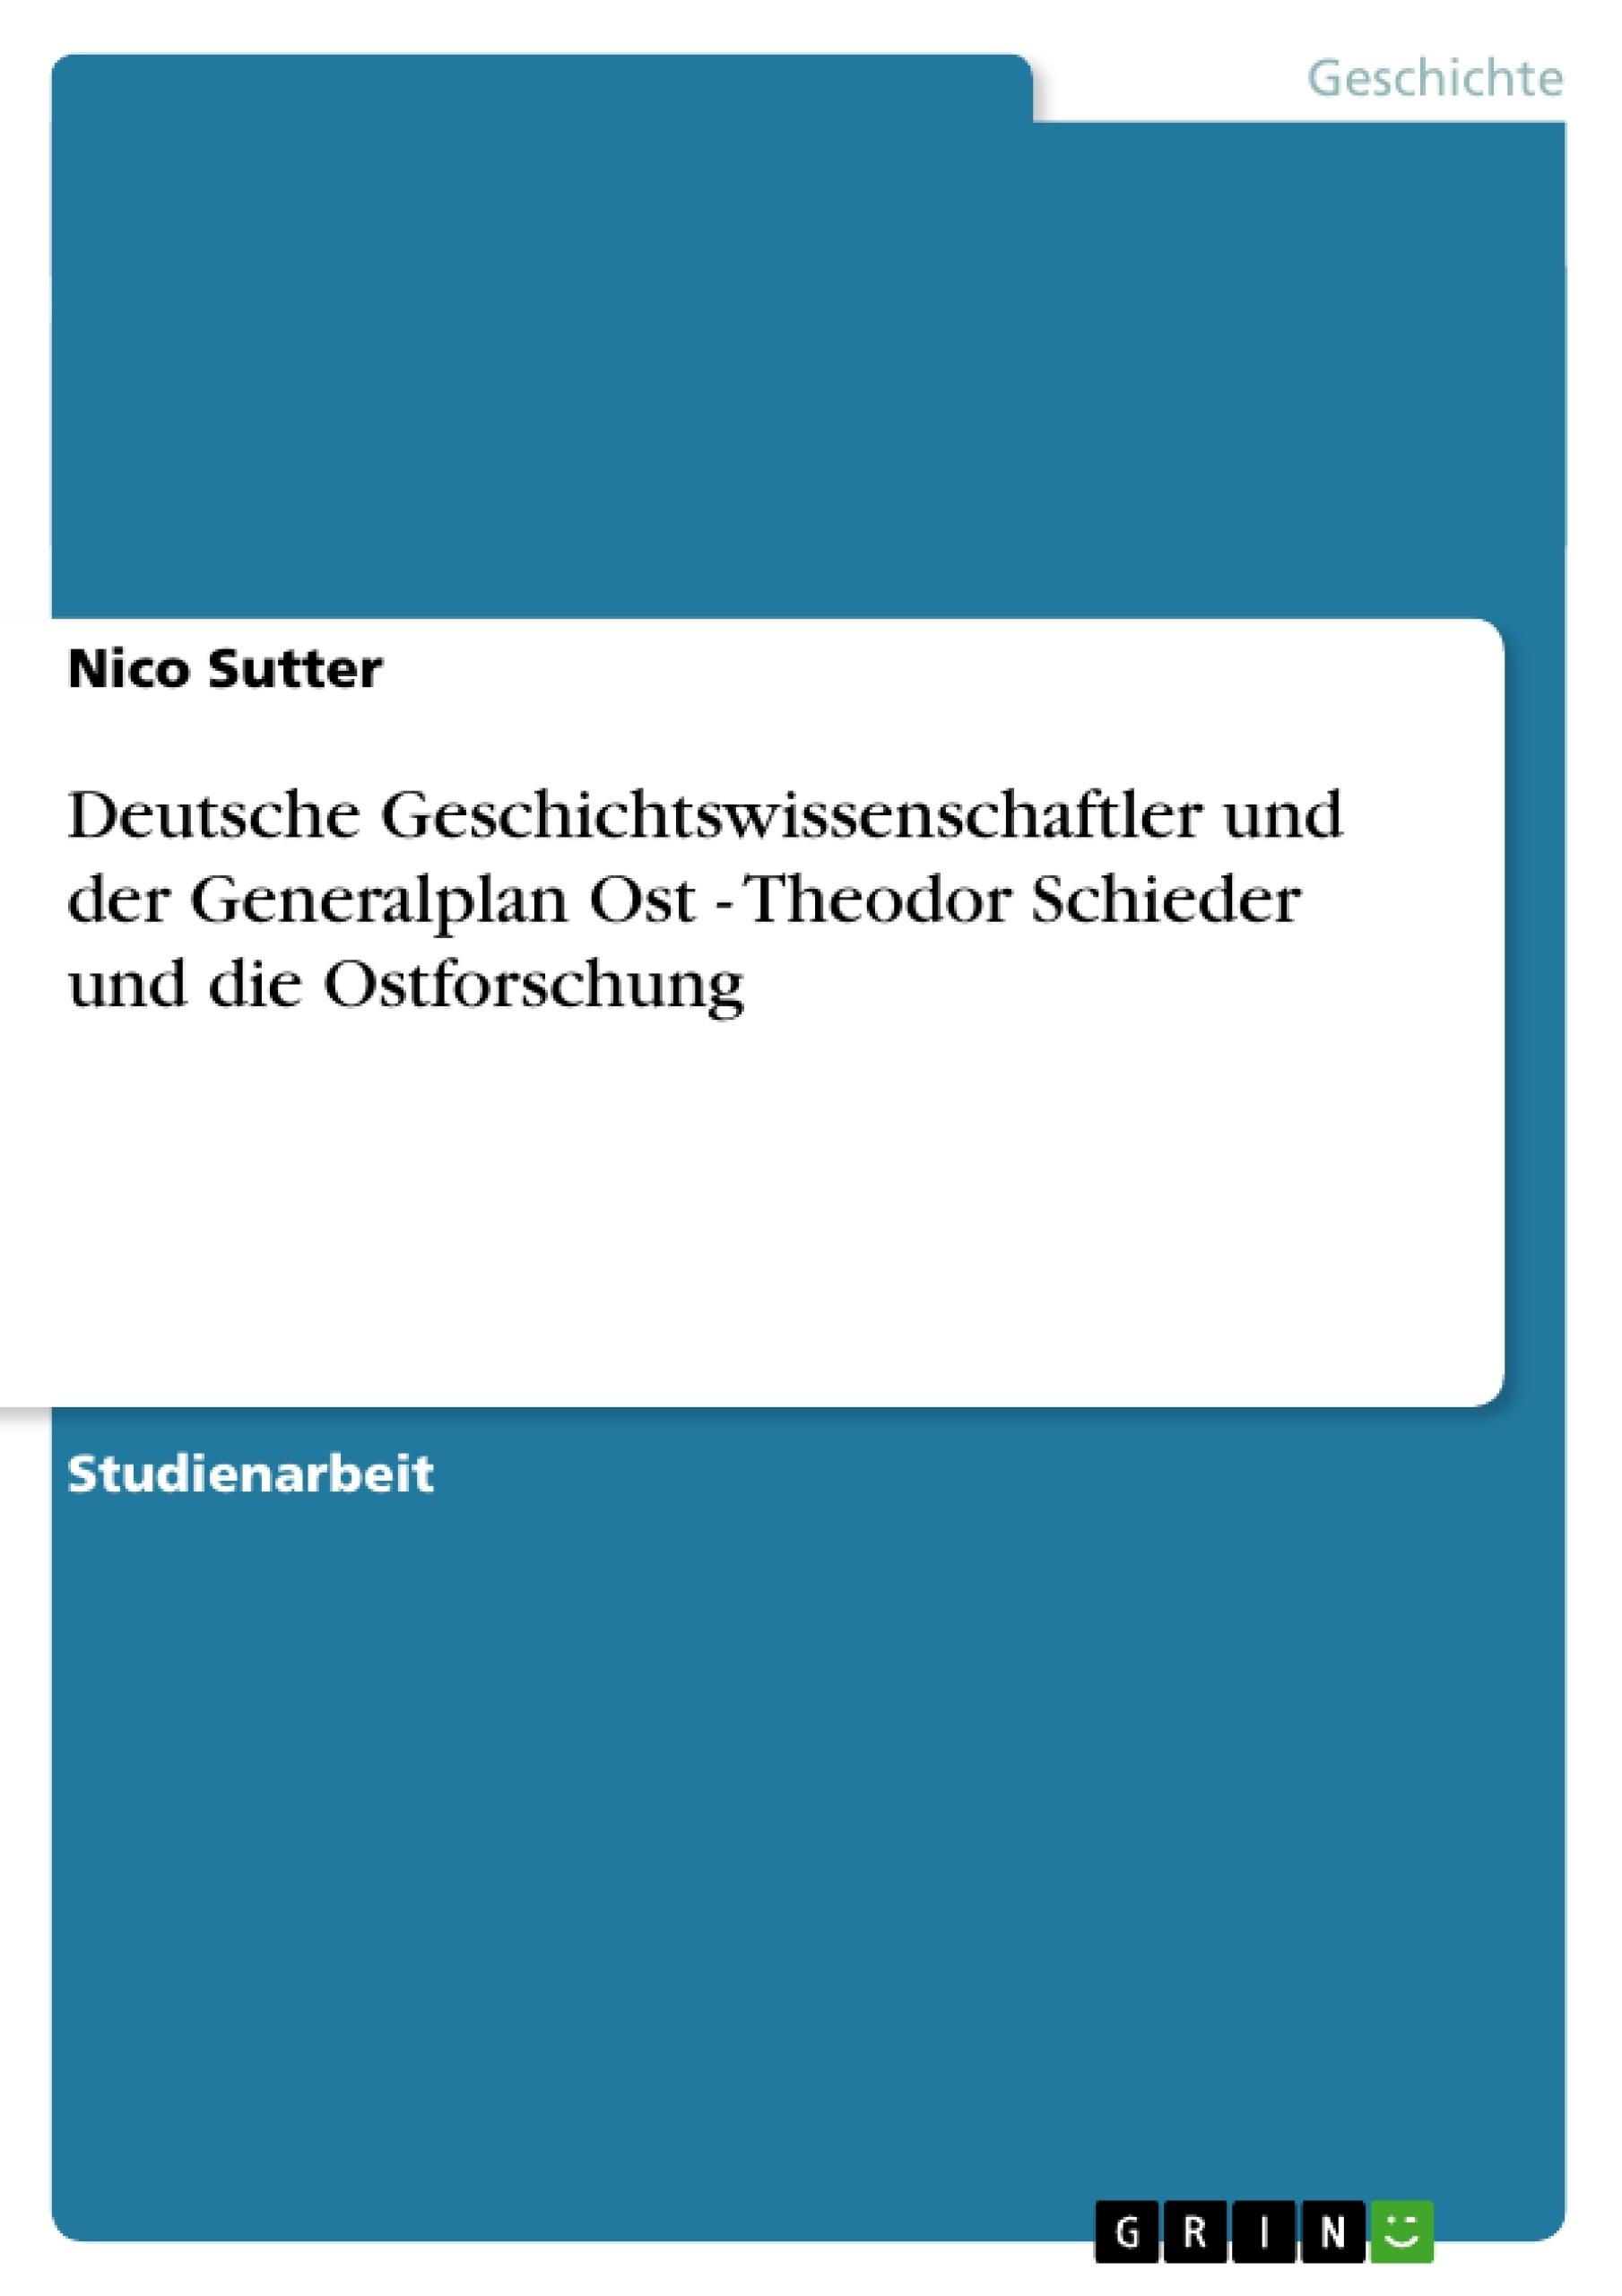 Titel: Deutsche Geschichtswissenschaftler und der Generalplan Ost - Theodor Schieder und die Ostforschung